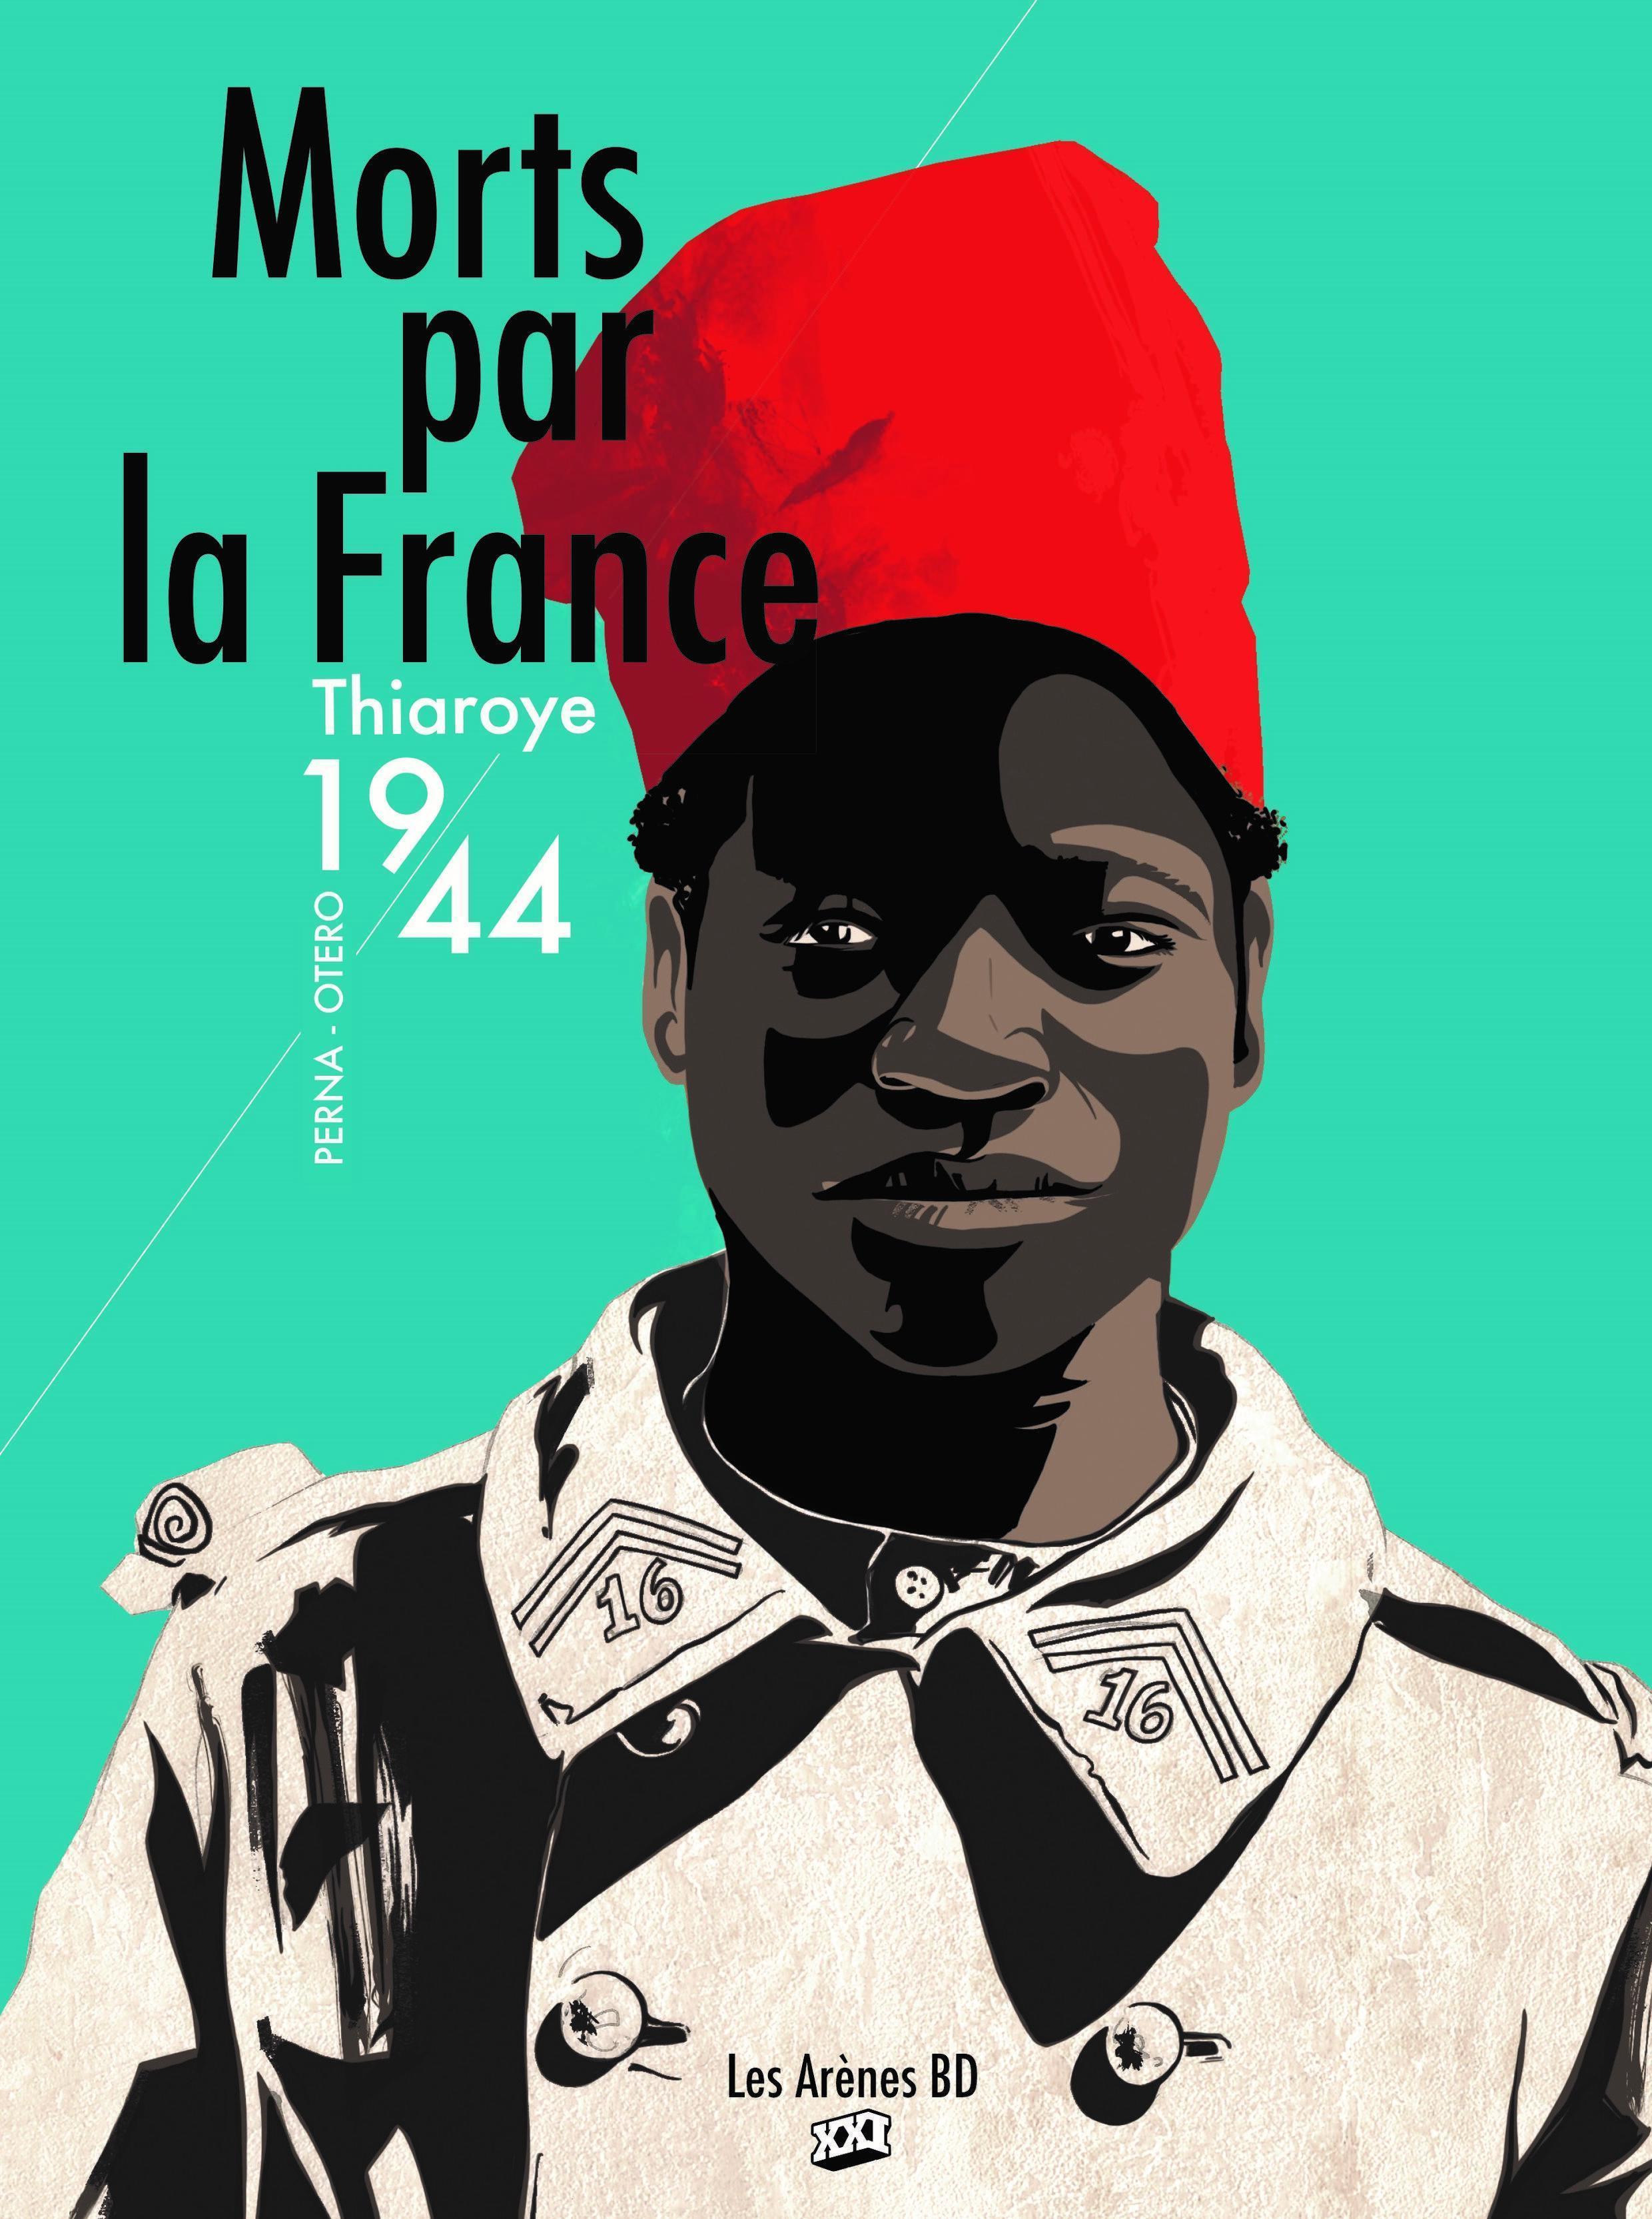 Couverture de la bande dessinée «Morts par la France».